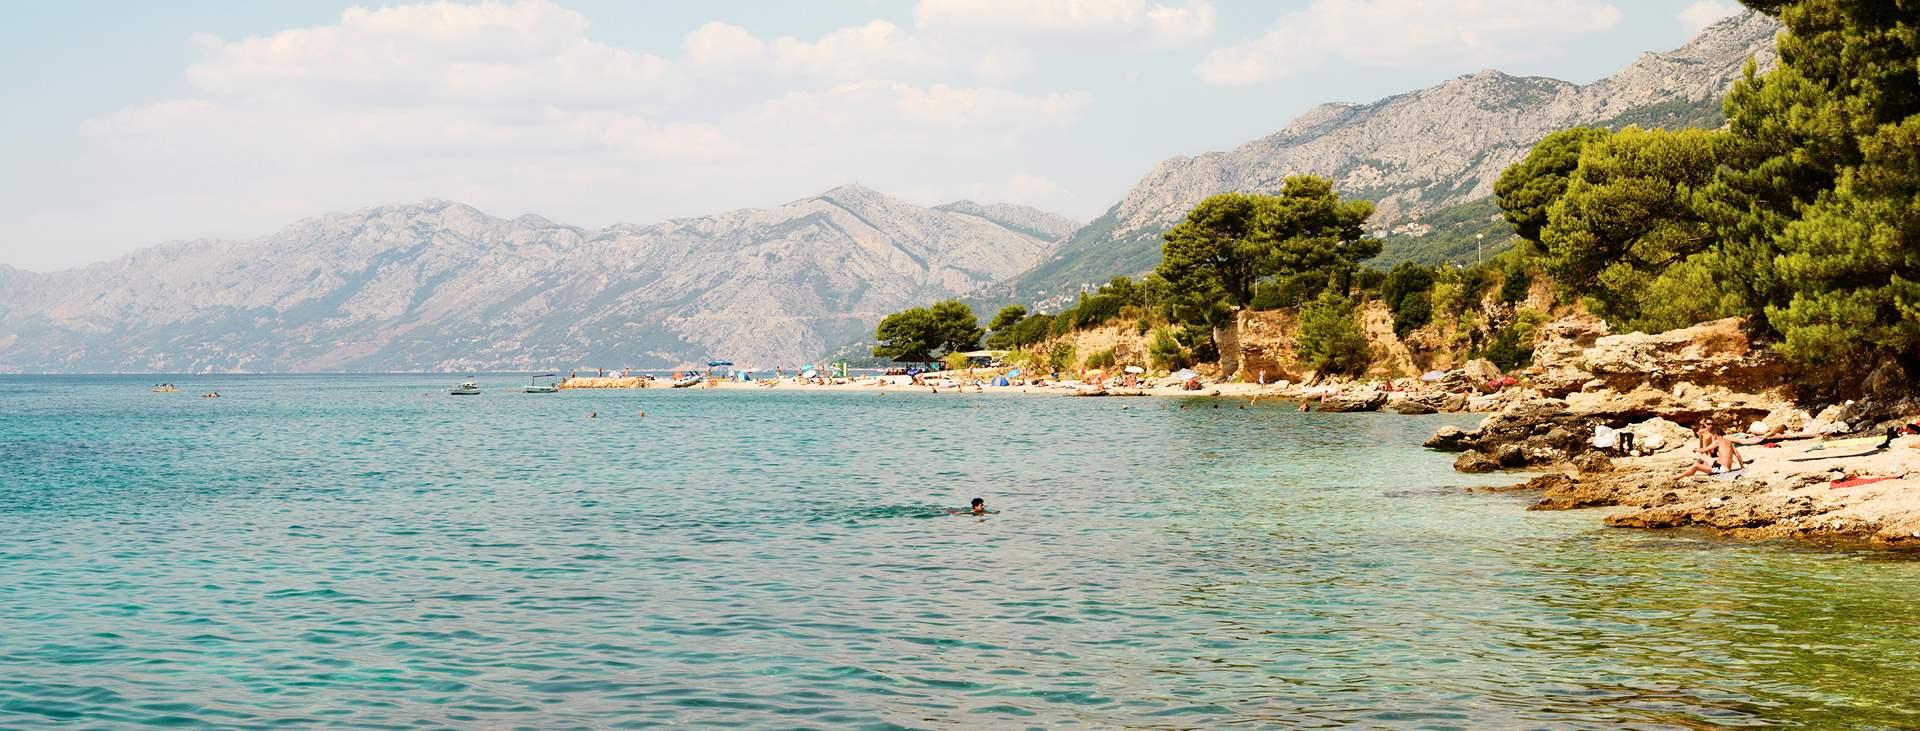 Bestill en reise til Baska Voda på Makarska-rivieraen med Ving